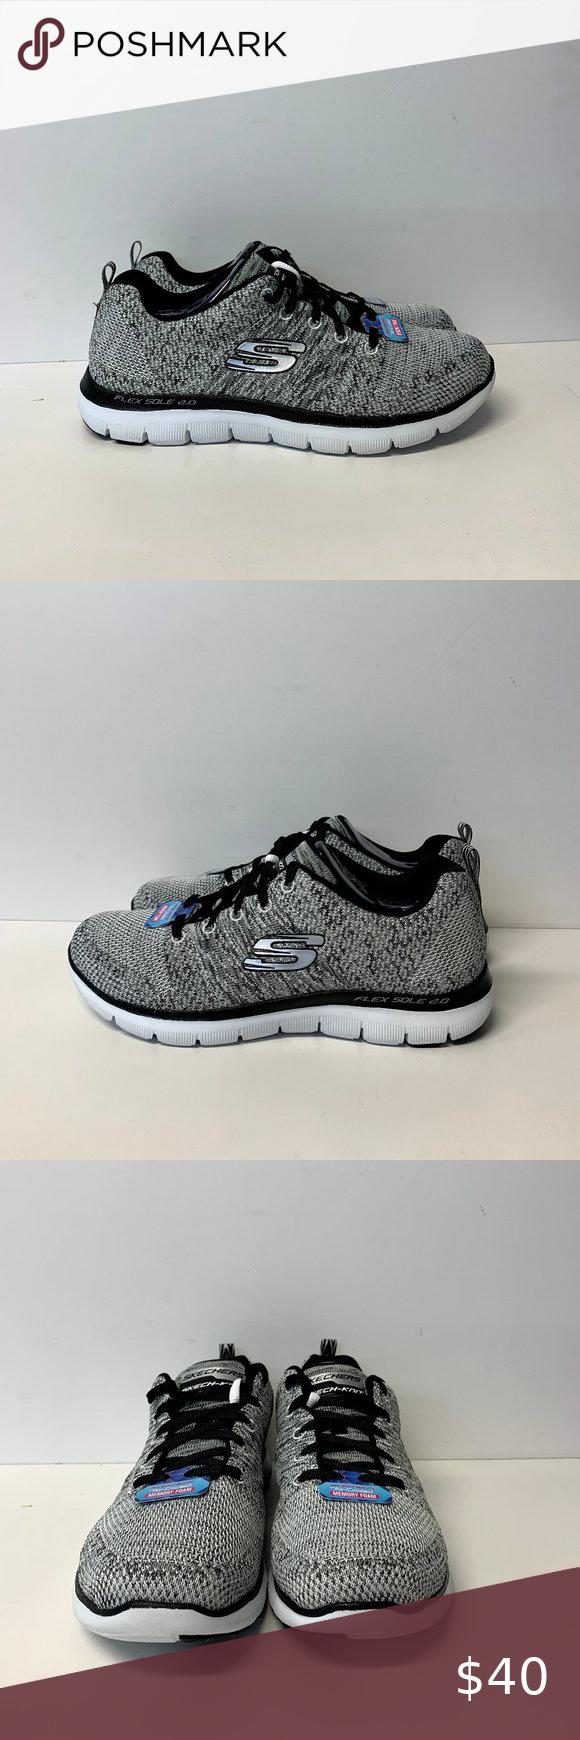 Predownload: Skechers Flex Appeal 2 0 12756 Wbk Fabric Shoes Skechers Training Sneakers [ 1740 x 580 Pixel ]